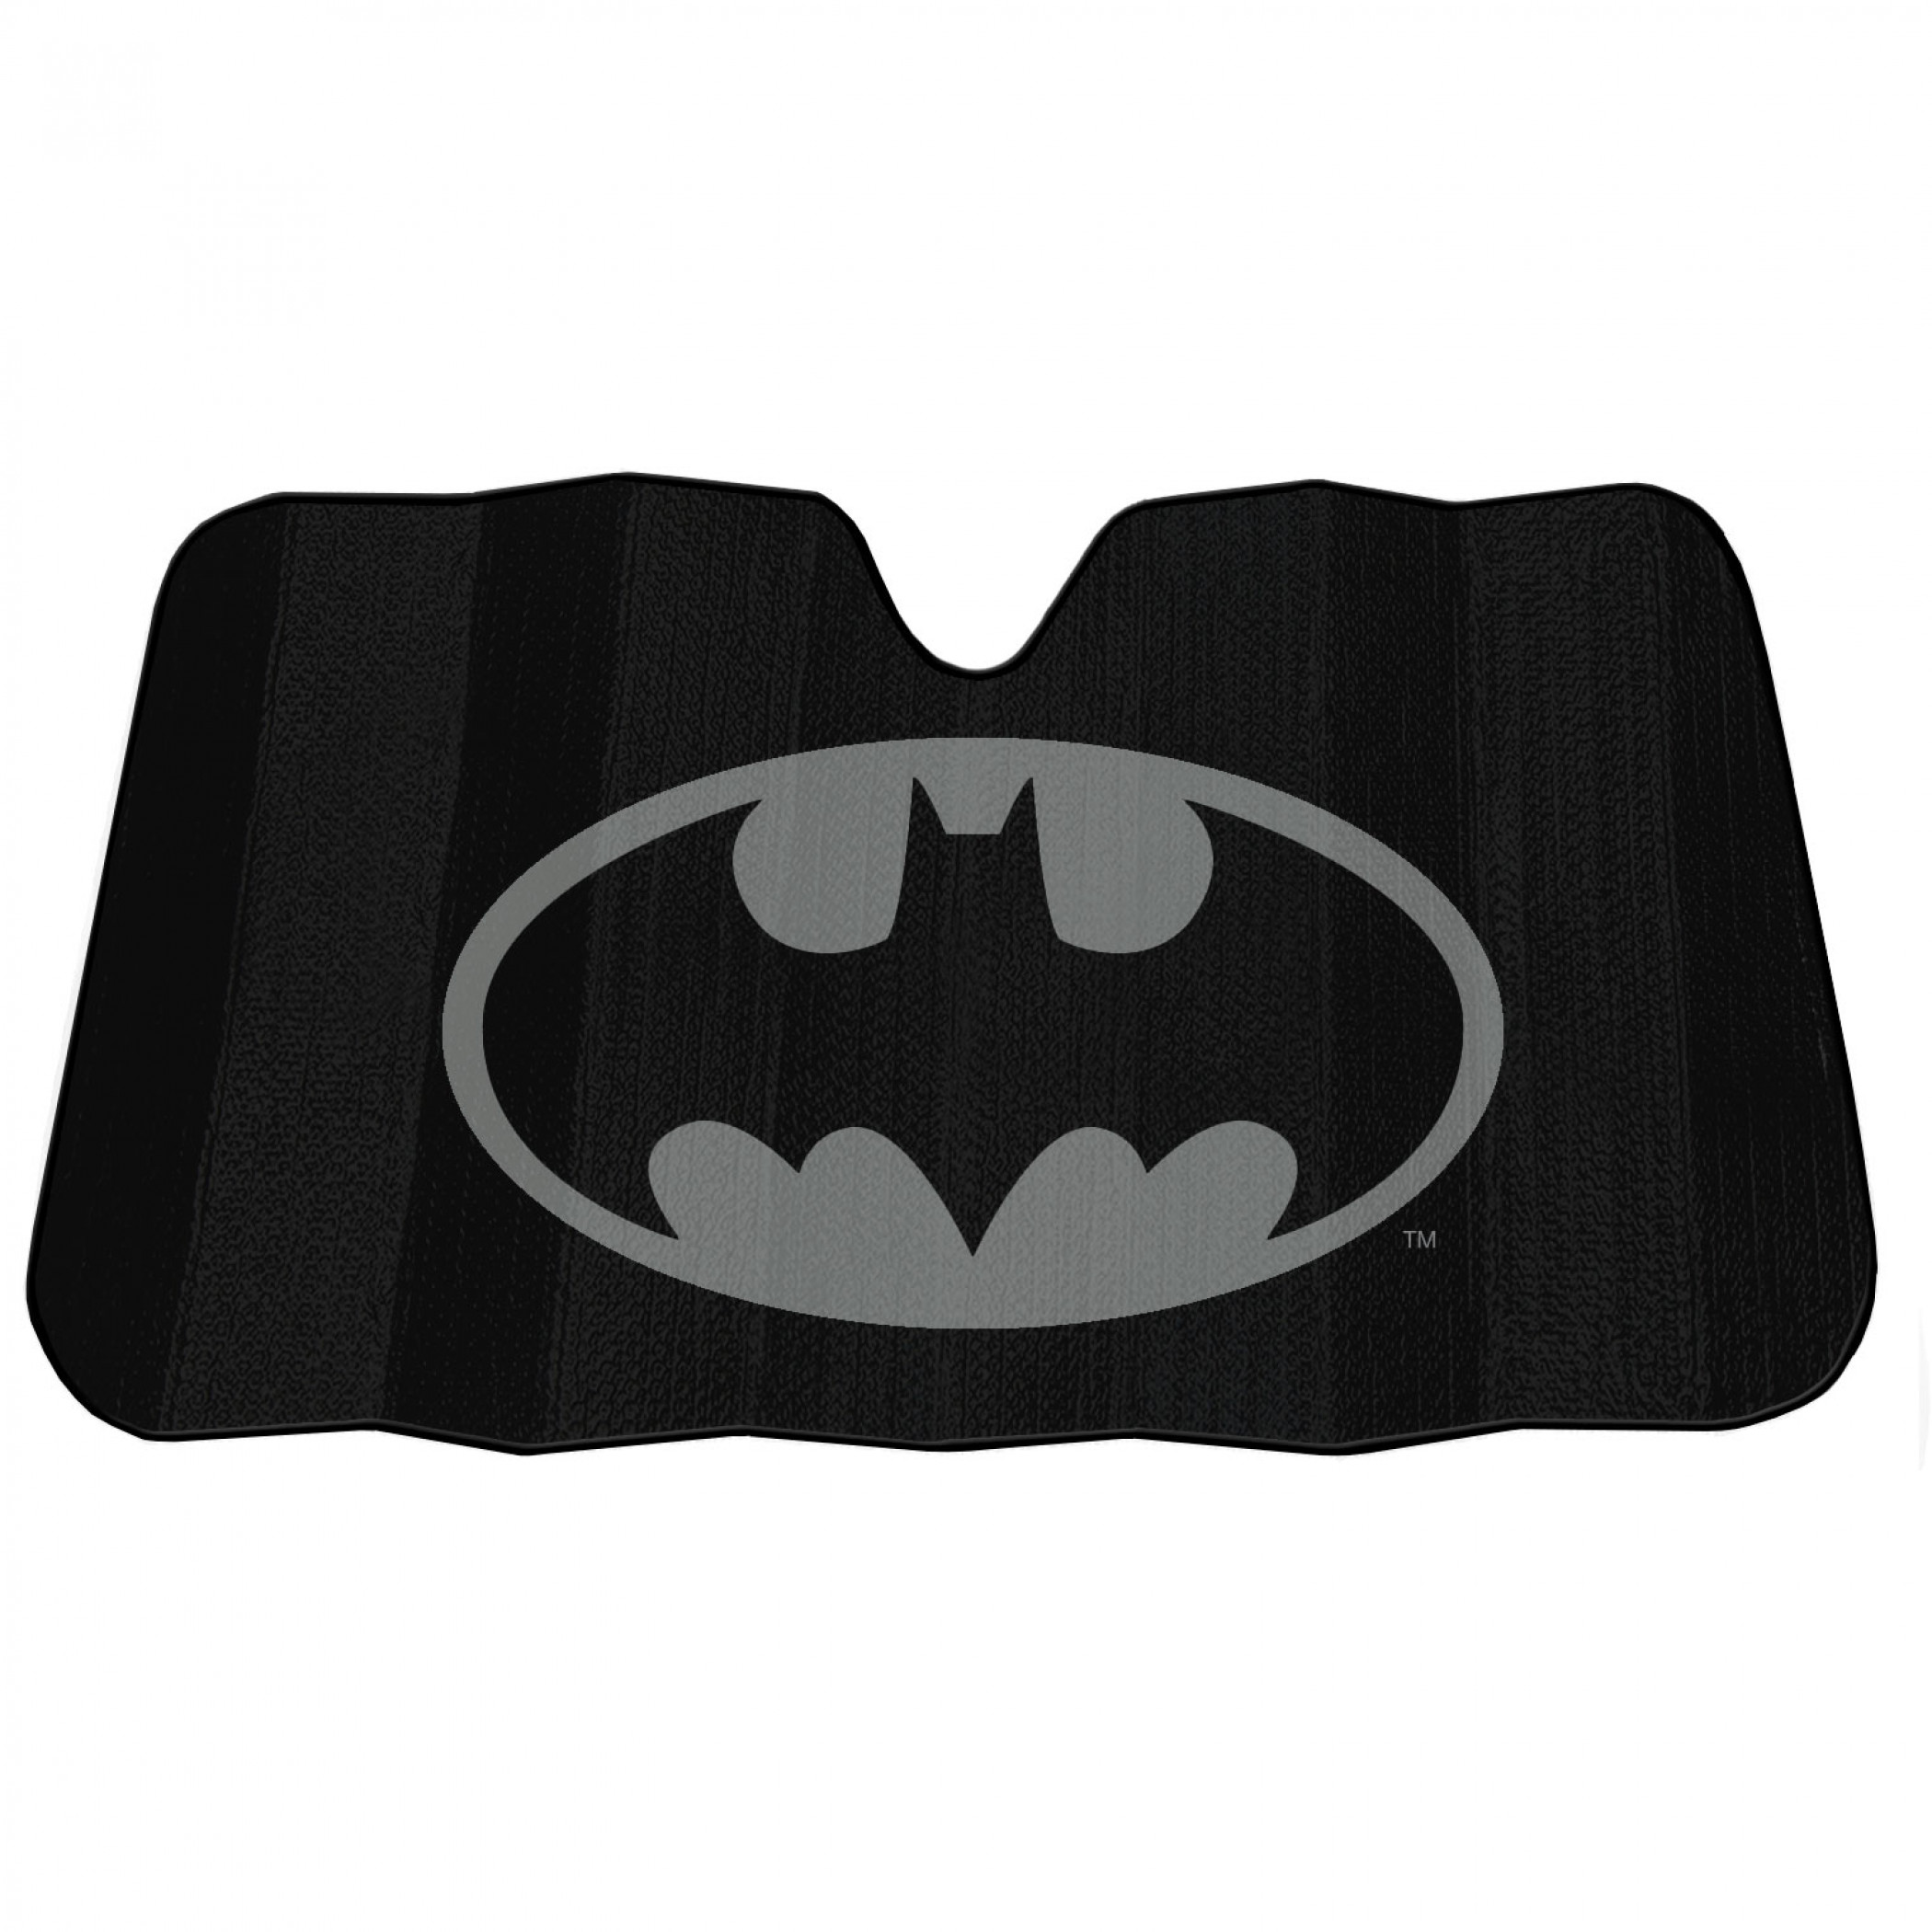 Batman Windshield Car Visor Sunshade